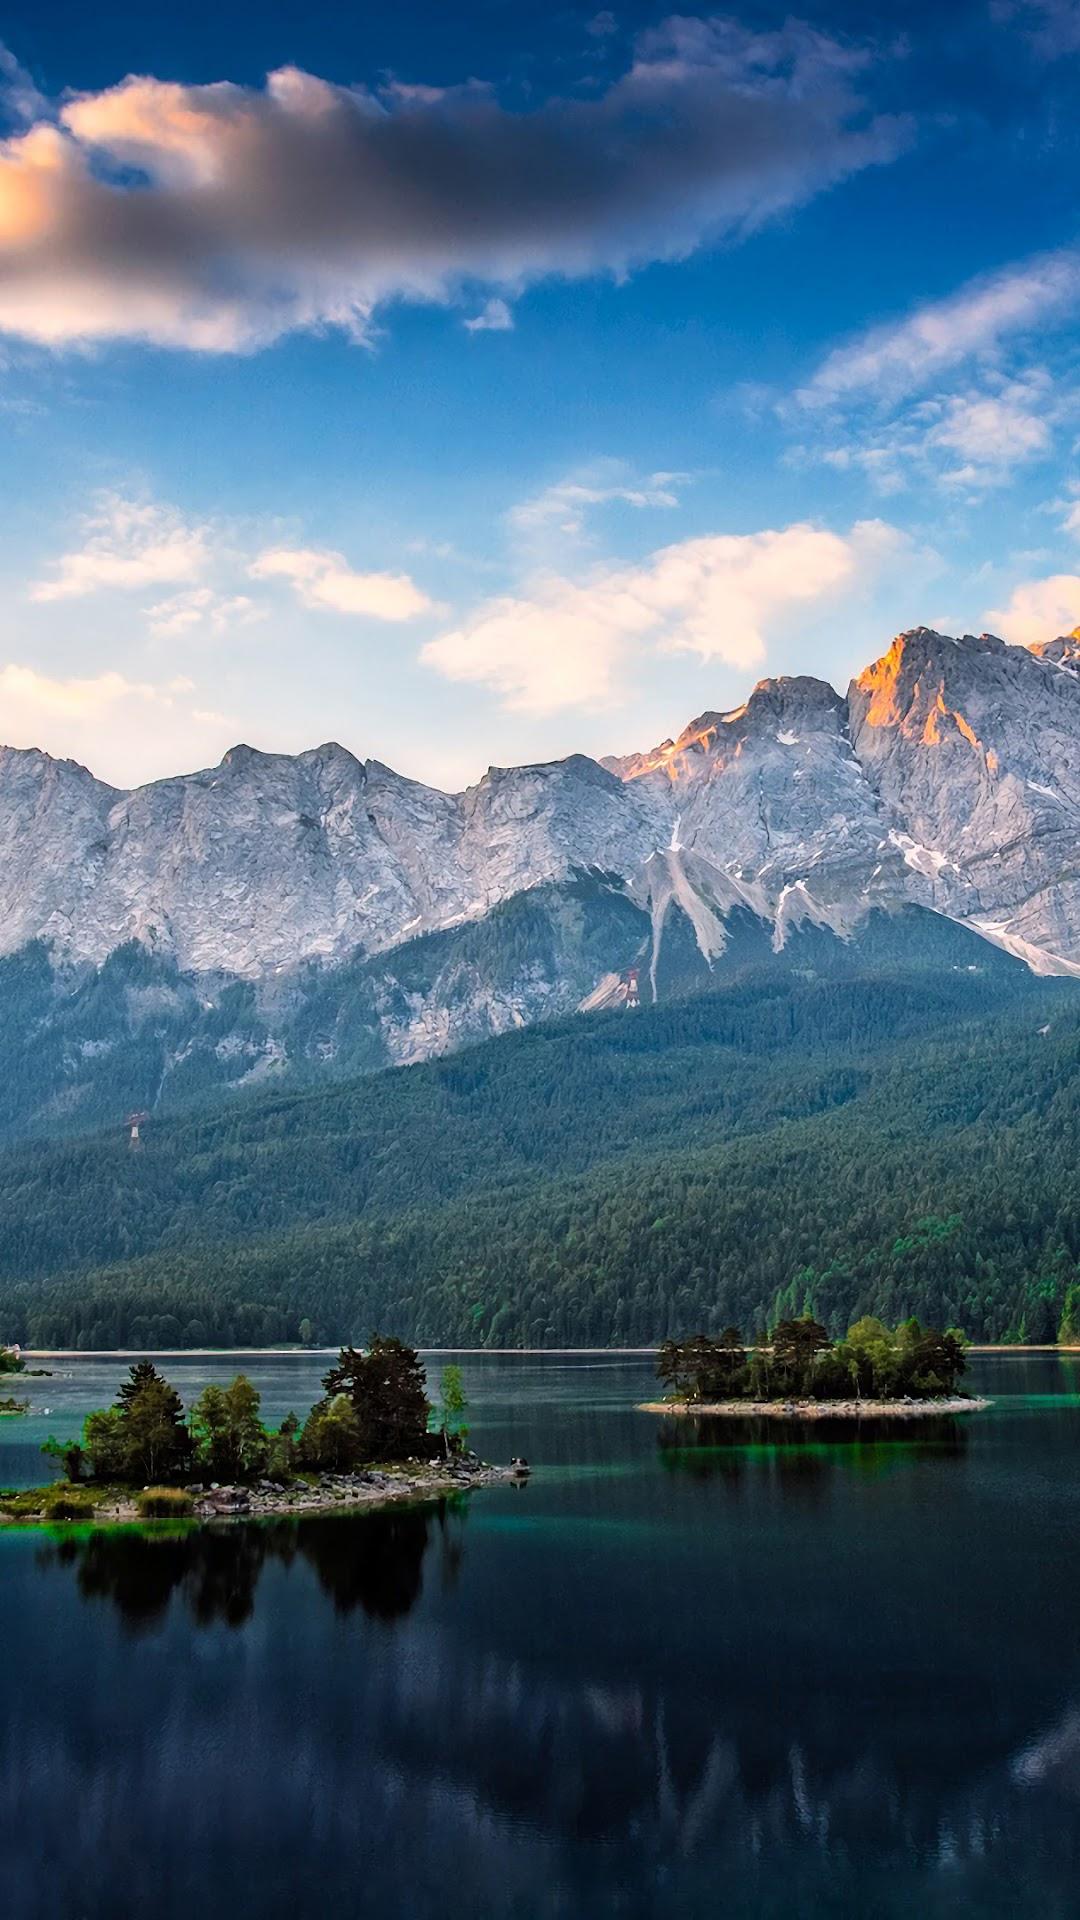 Lake Mountains Clouds 4k Wallpaper 32